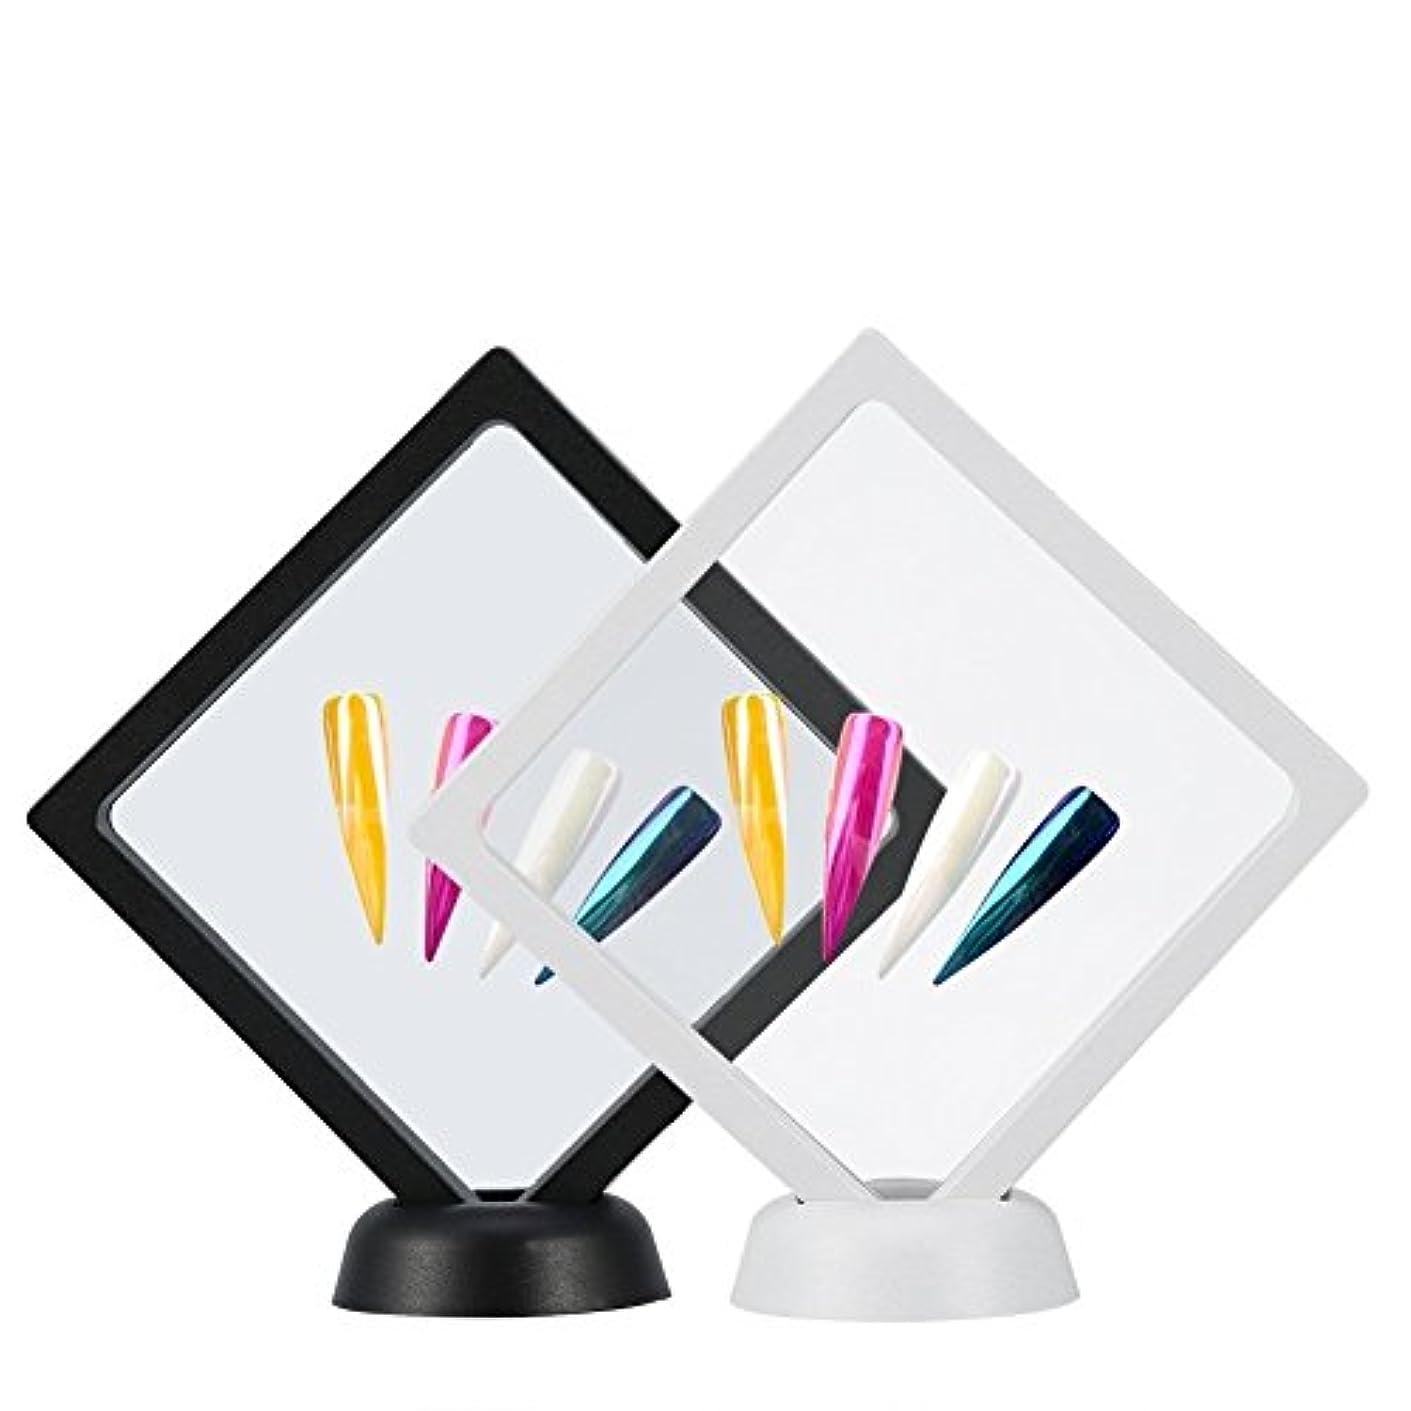 母古くなった有害Yosoo 2個入り ネイルチップ ディスプレイ スタンド マニキュア ネイルサンプル ホルダー ネイルカラーチャート ネイルテンプレート ネイルケア ネイルアートツール 組立て式 白+黒 展示用 自宅 サロン